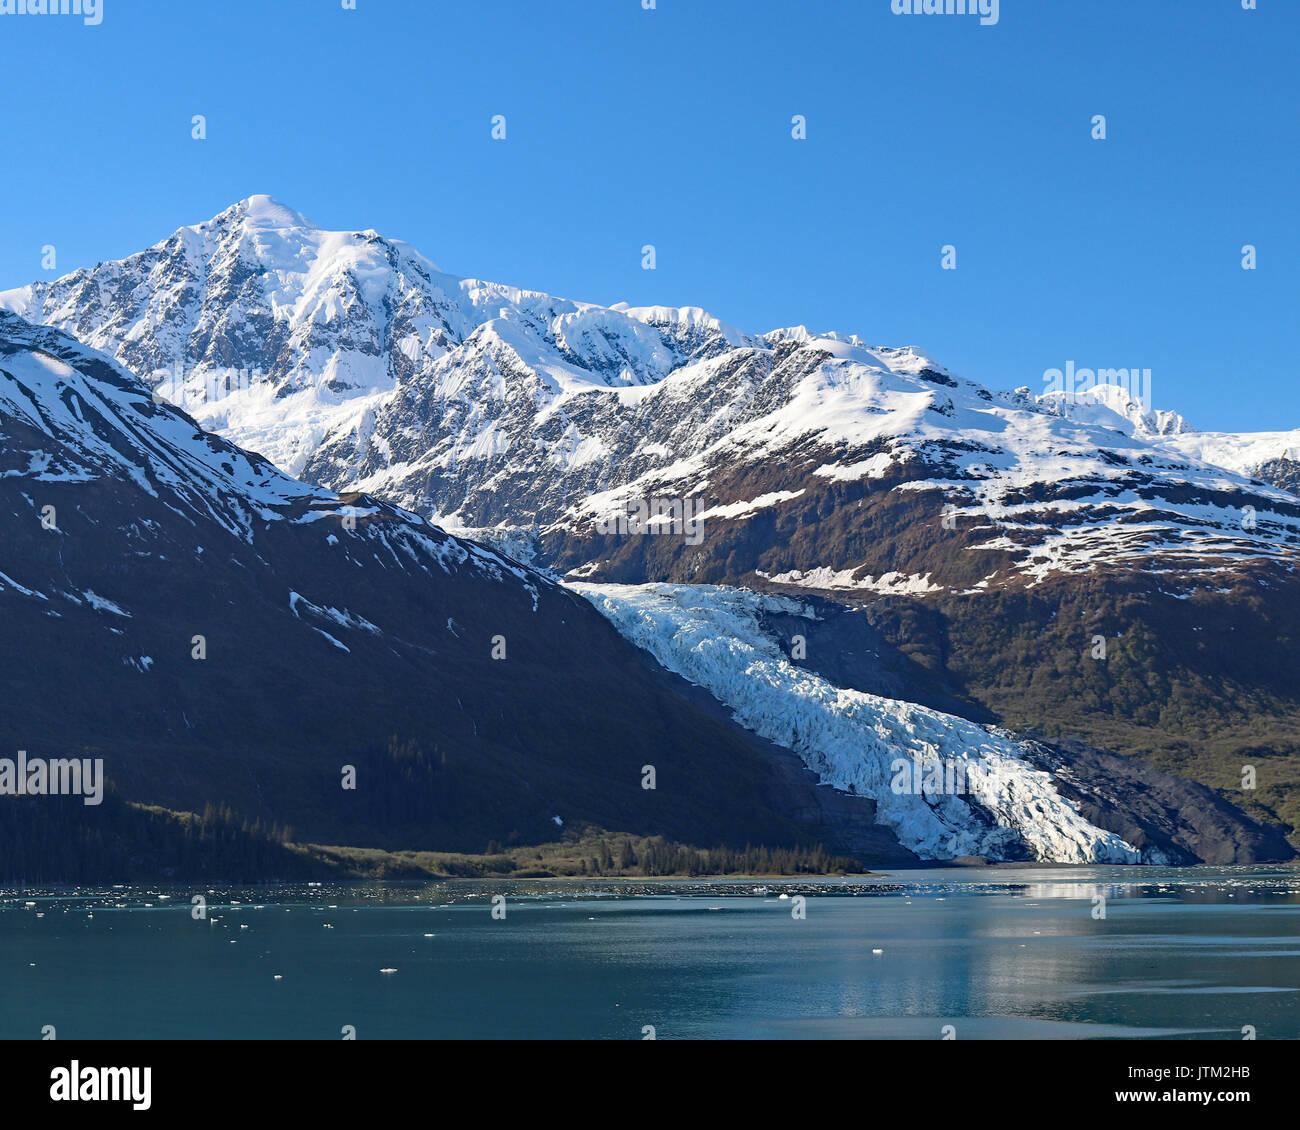 Portage Lake and Valley, Alaska - Stock Image